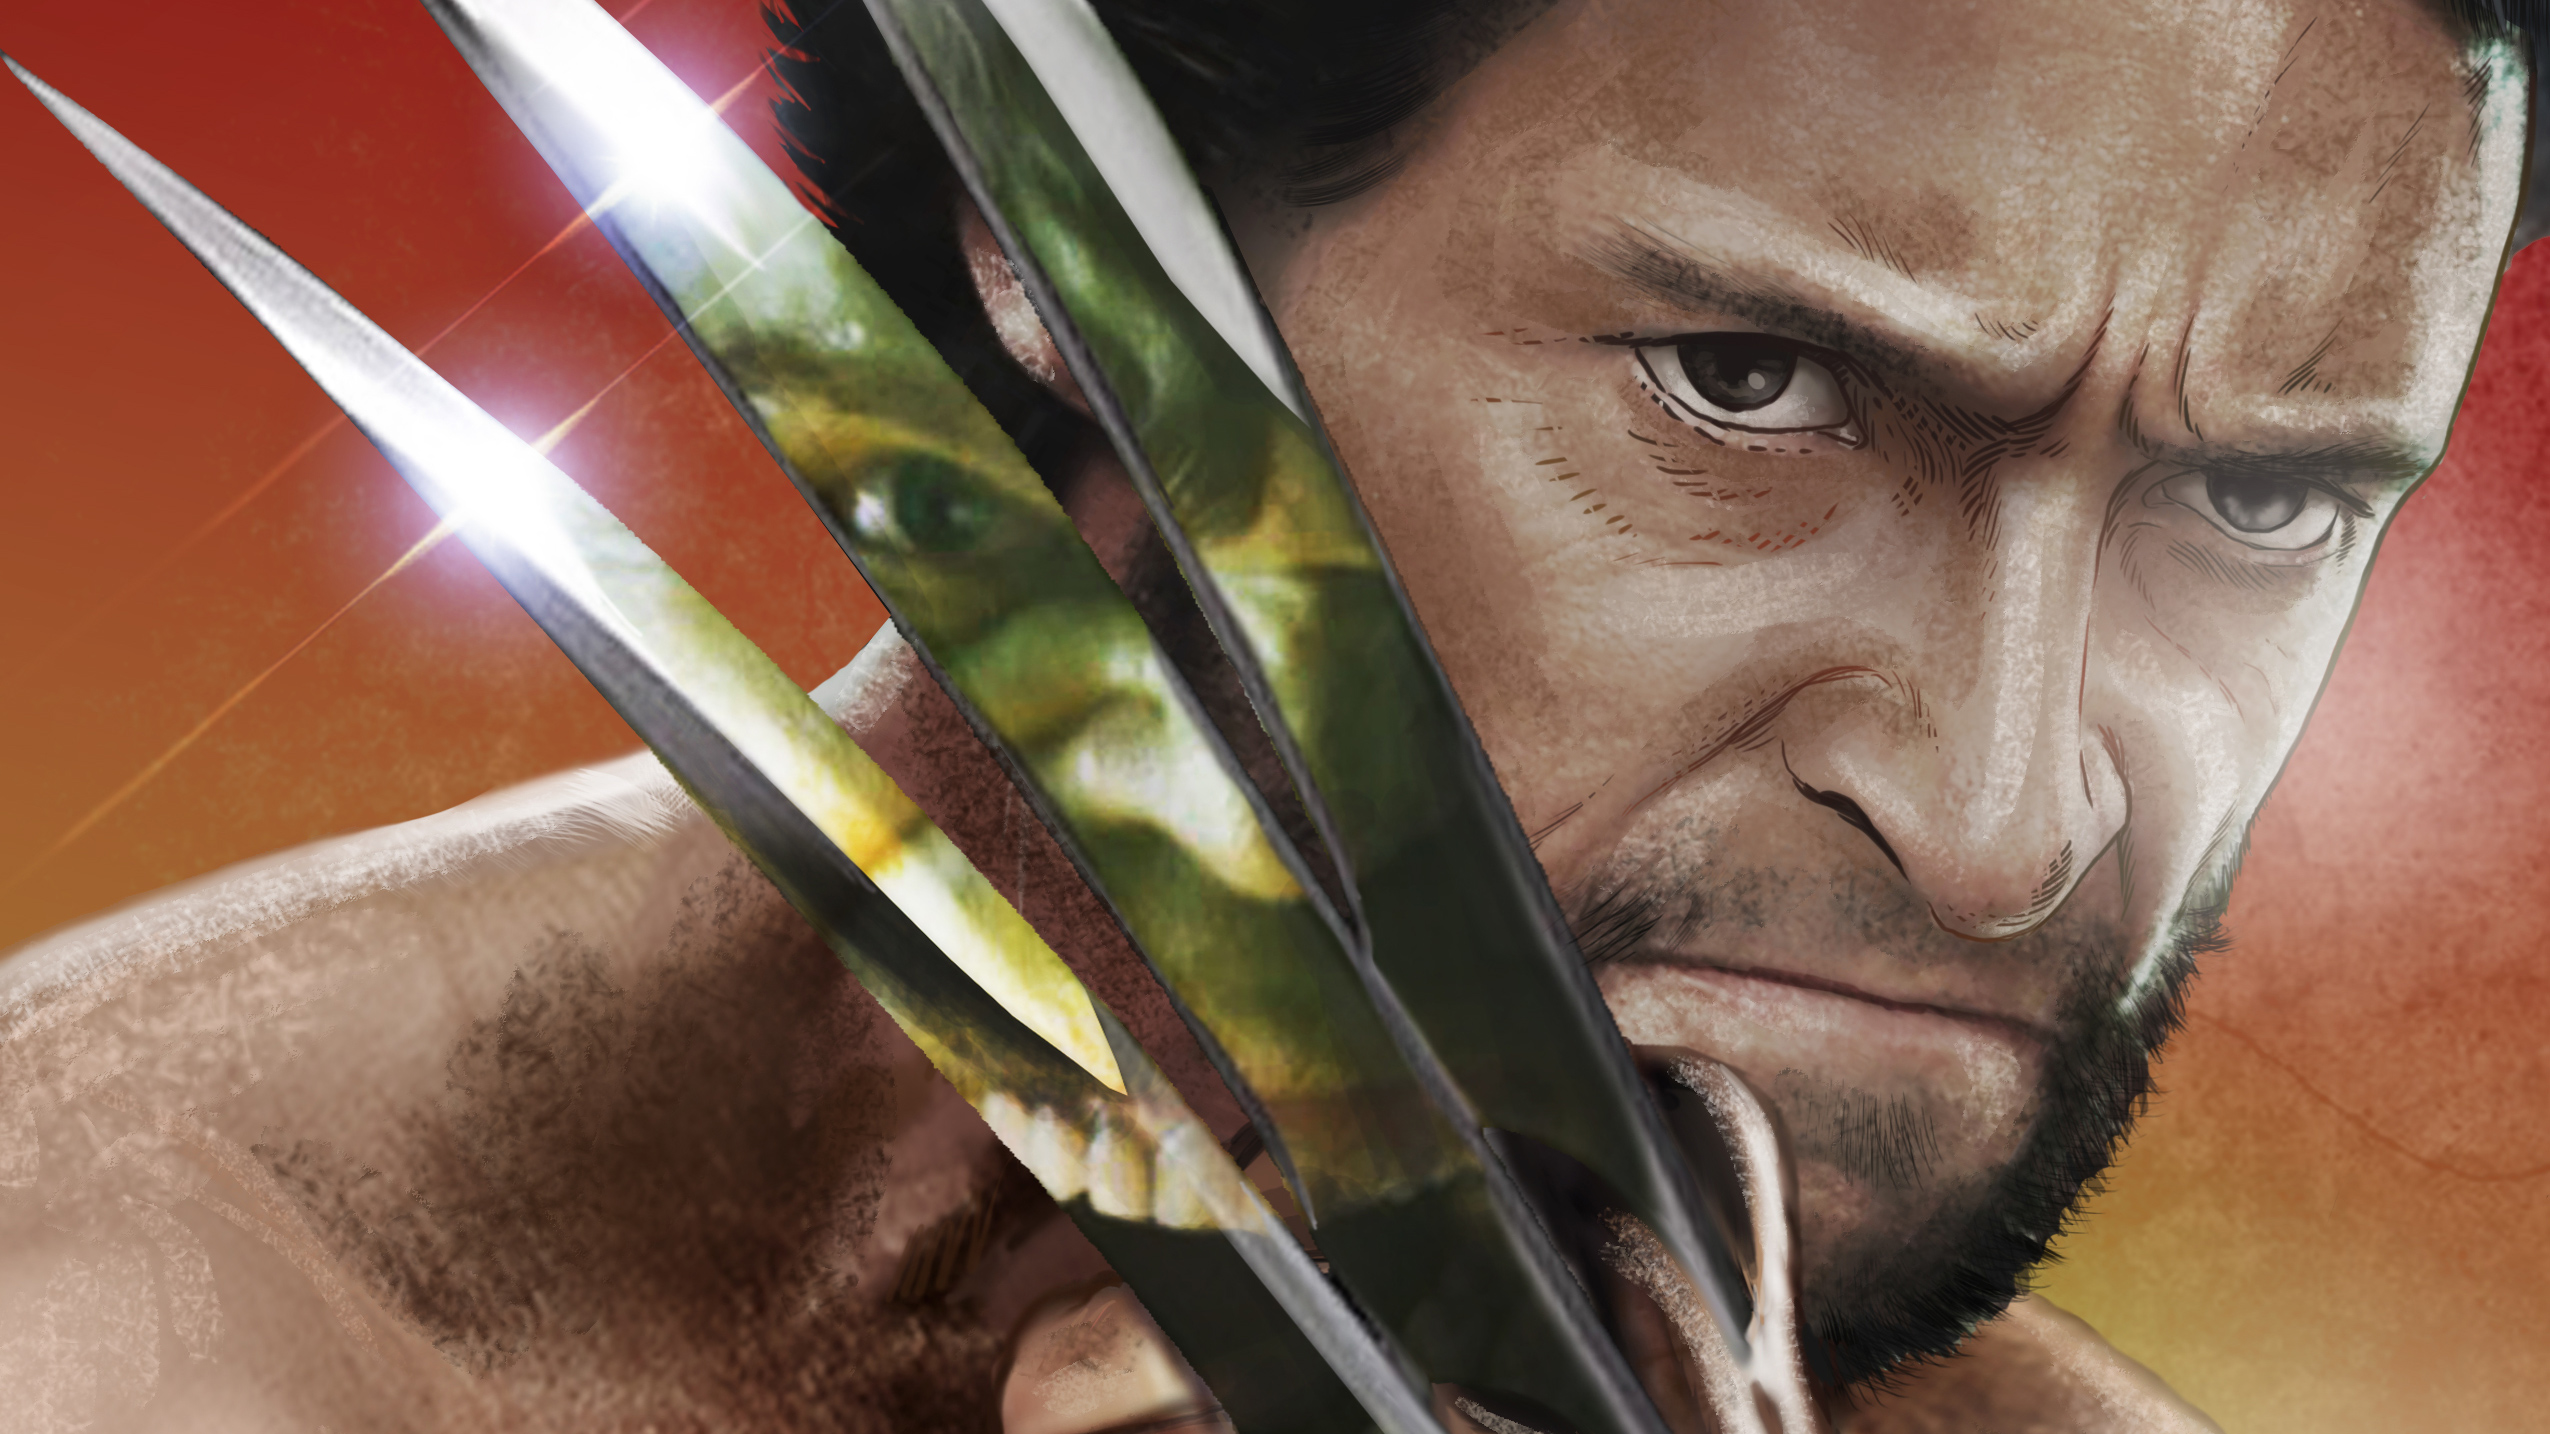 Fondos de pantalla Hulk reflejado en garras de Wolverine